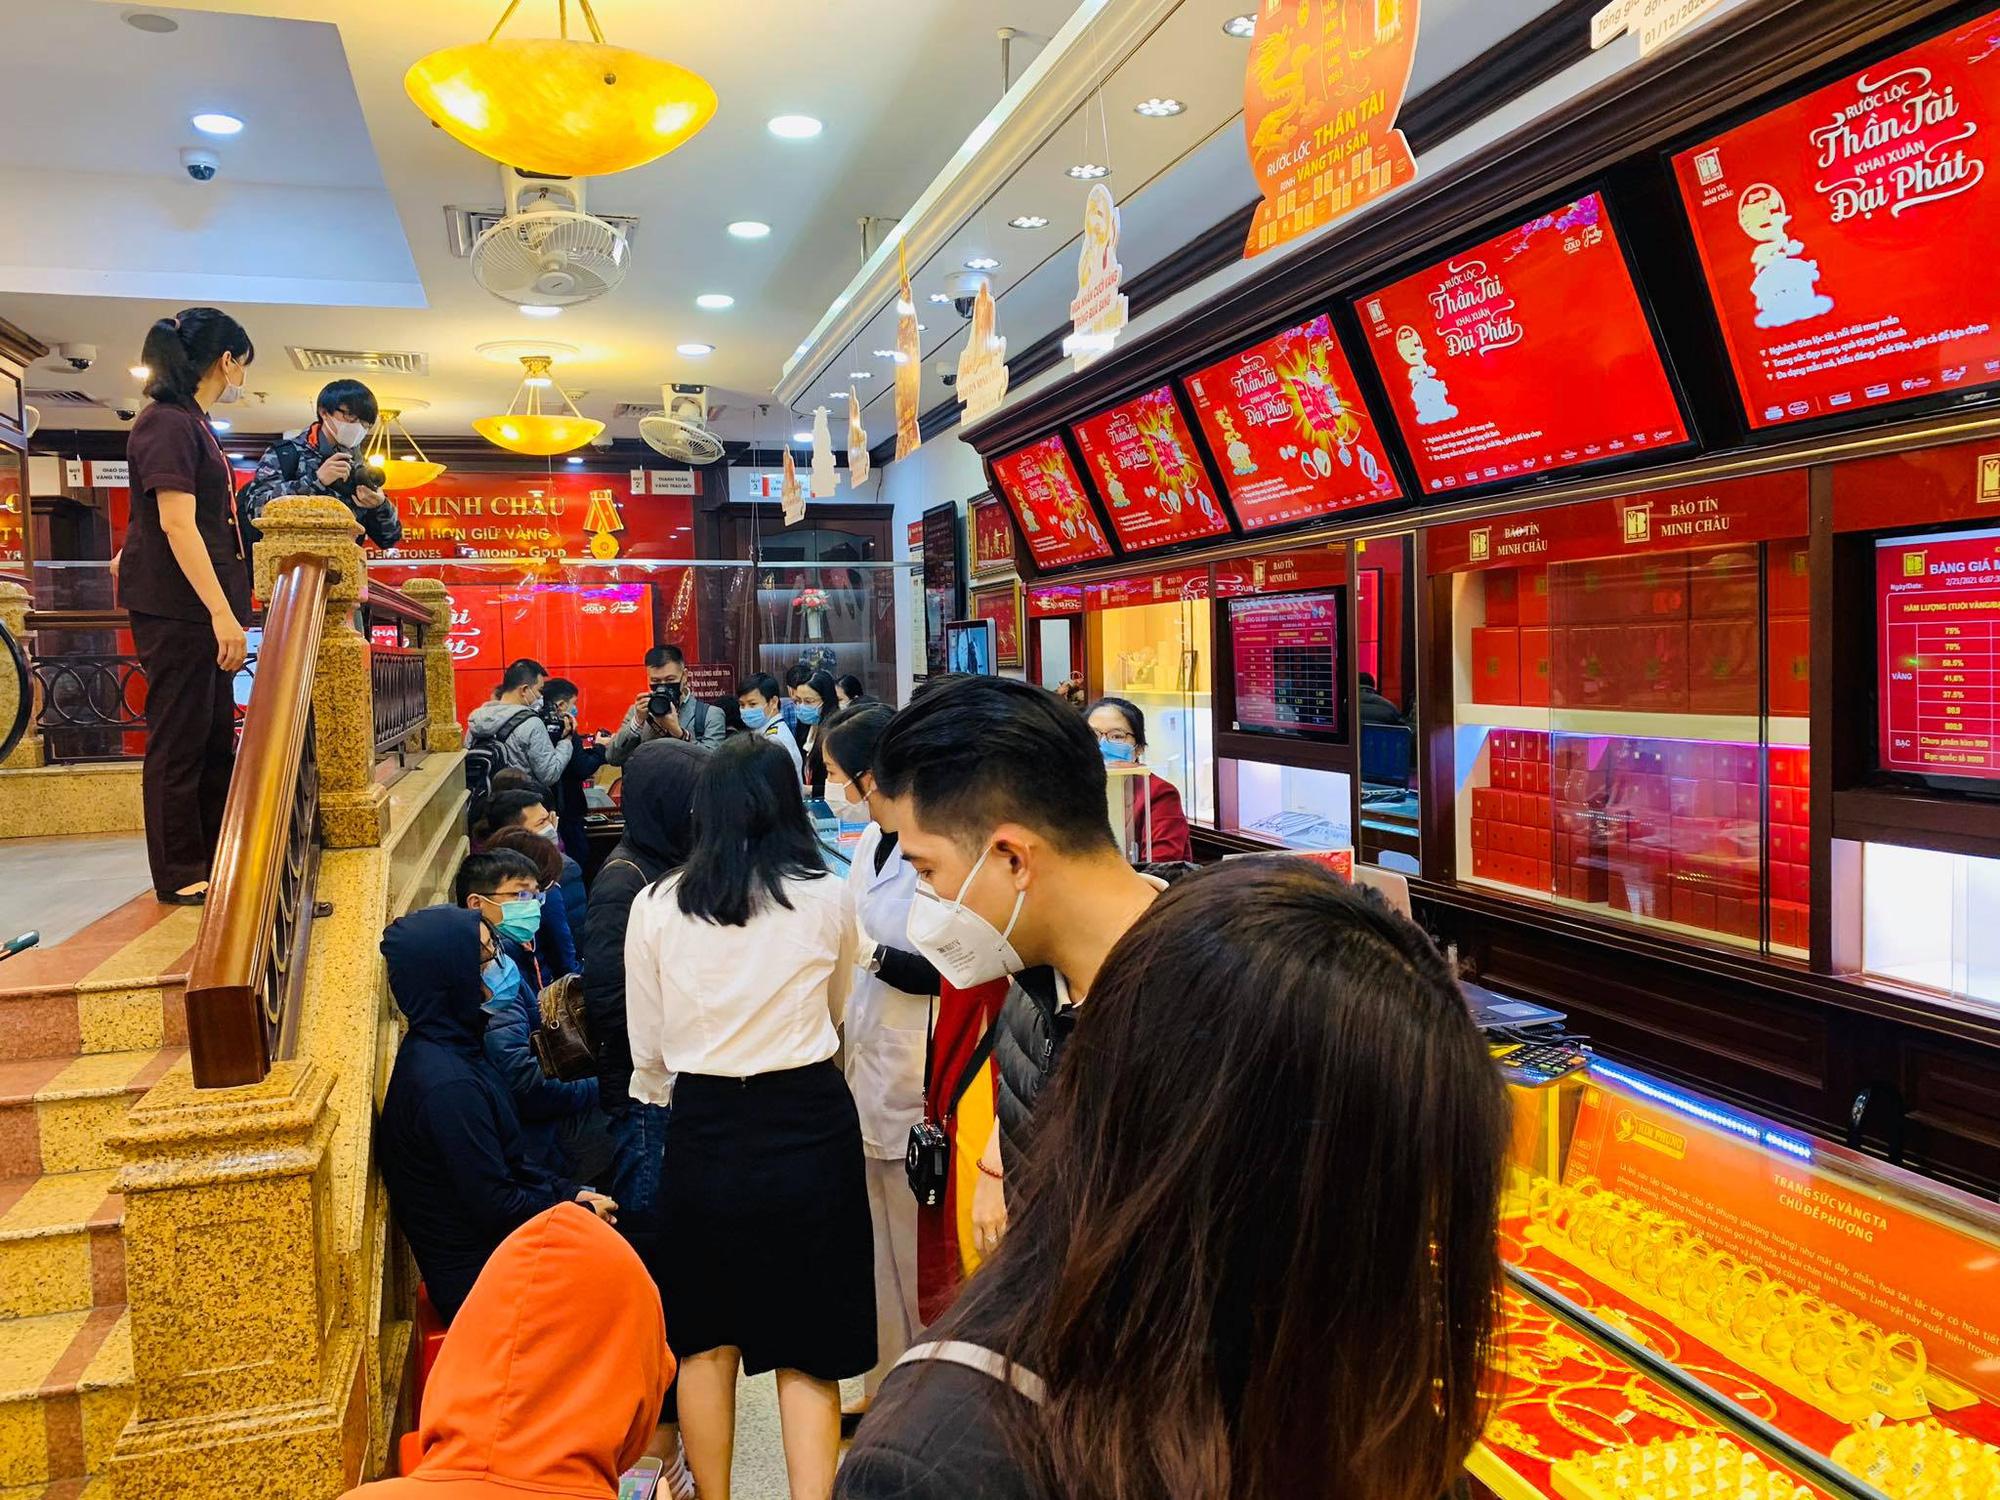 Ngày vía Thần Tài: Người dân đeo khẩu trang săn lộc, doanh nghiệp lắp vách ngăn trên đường cho khách mua vàng - Ảnh 7.